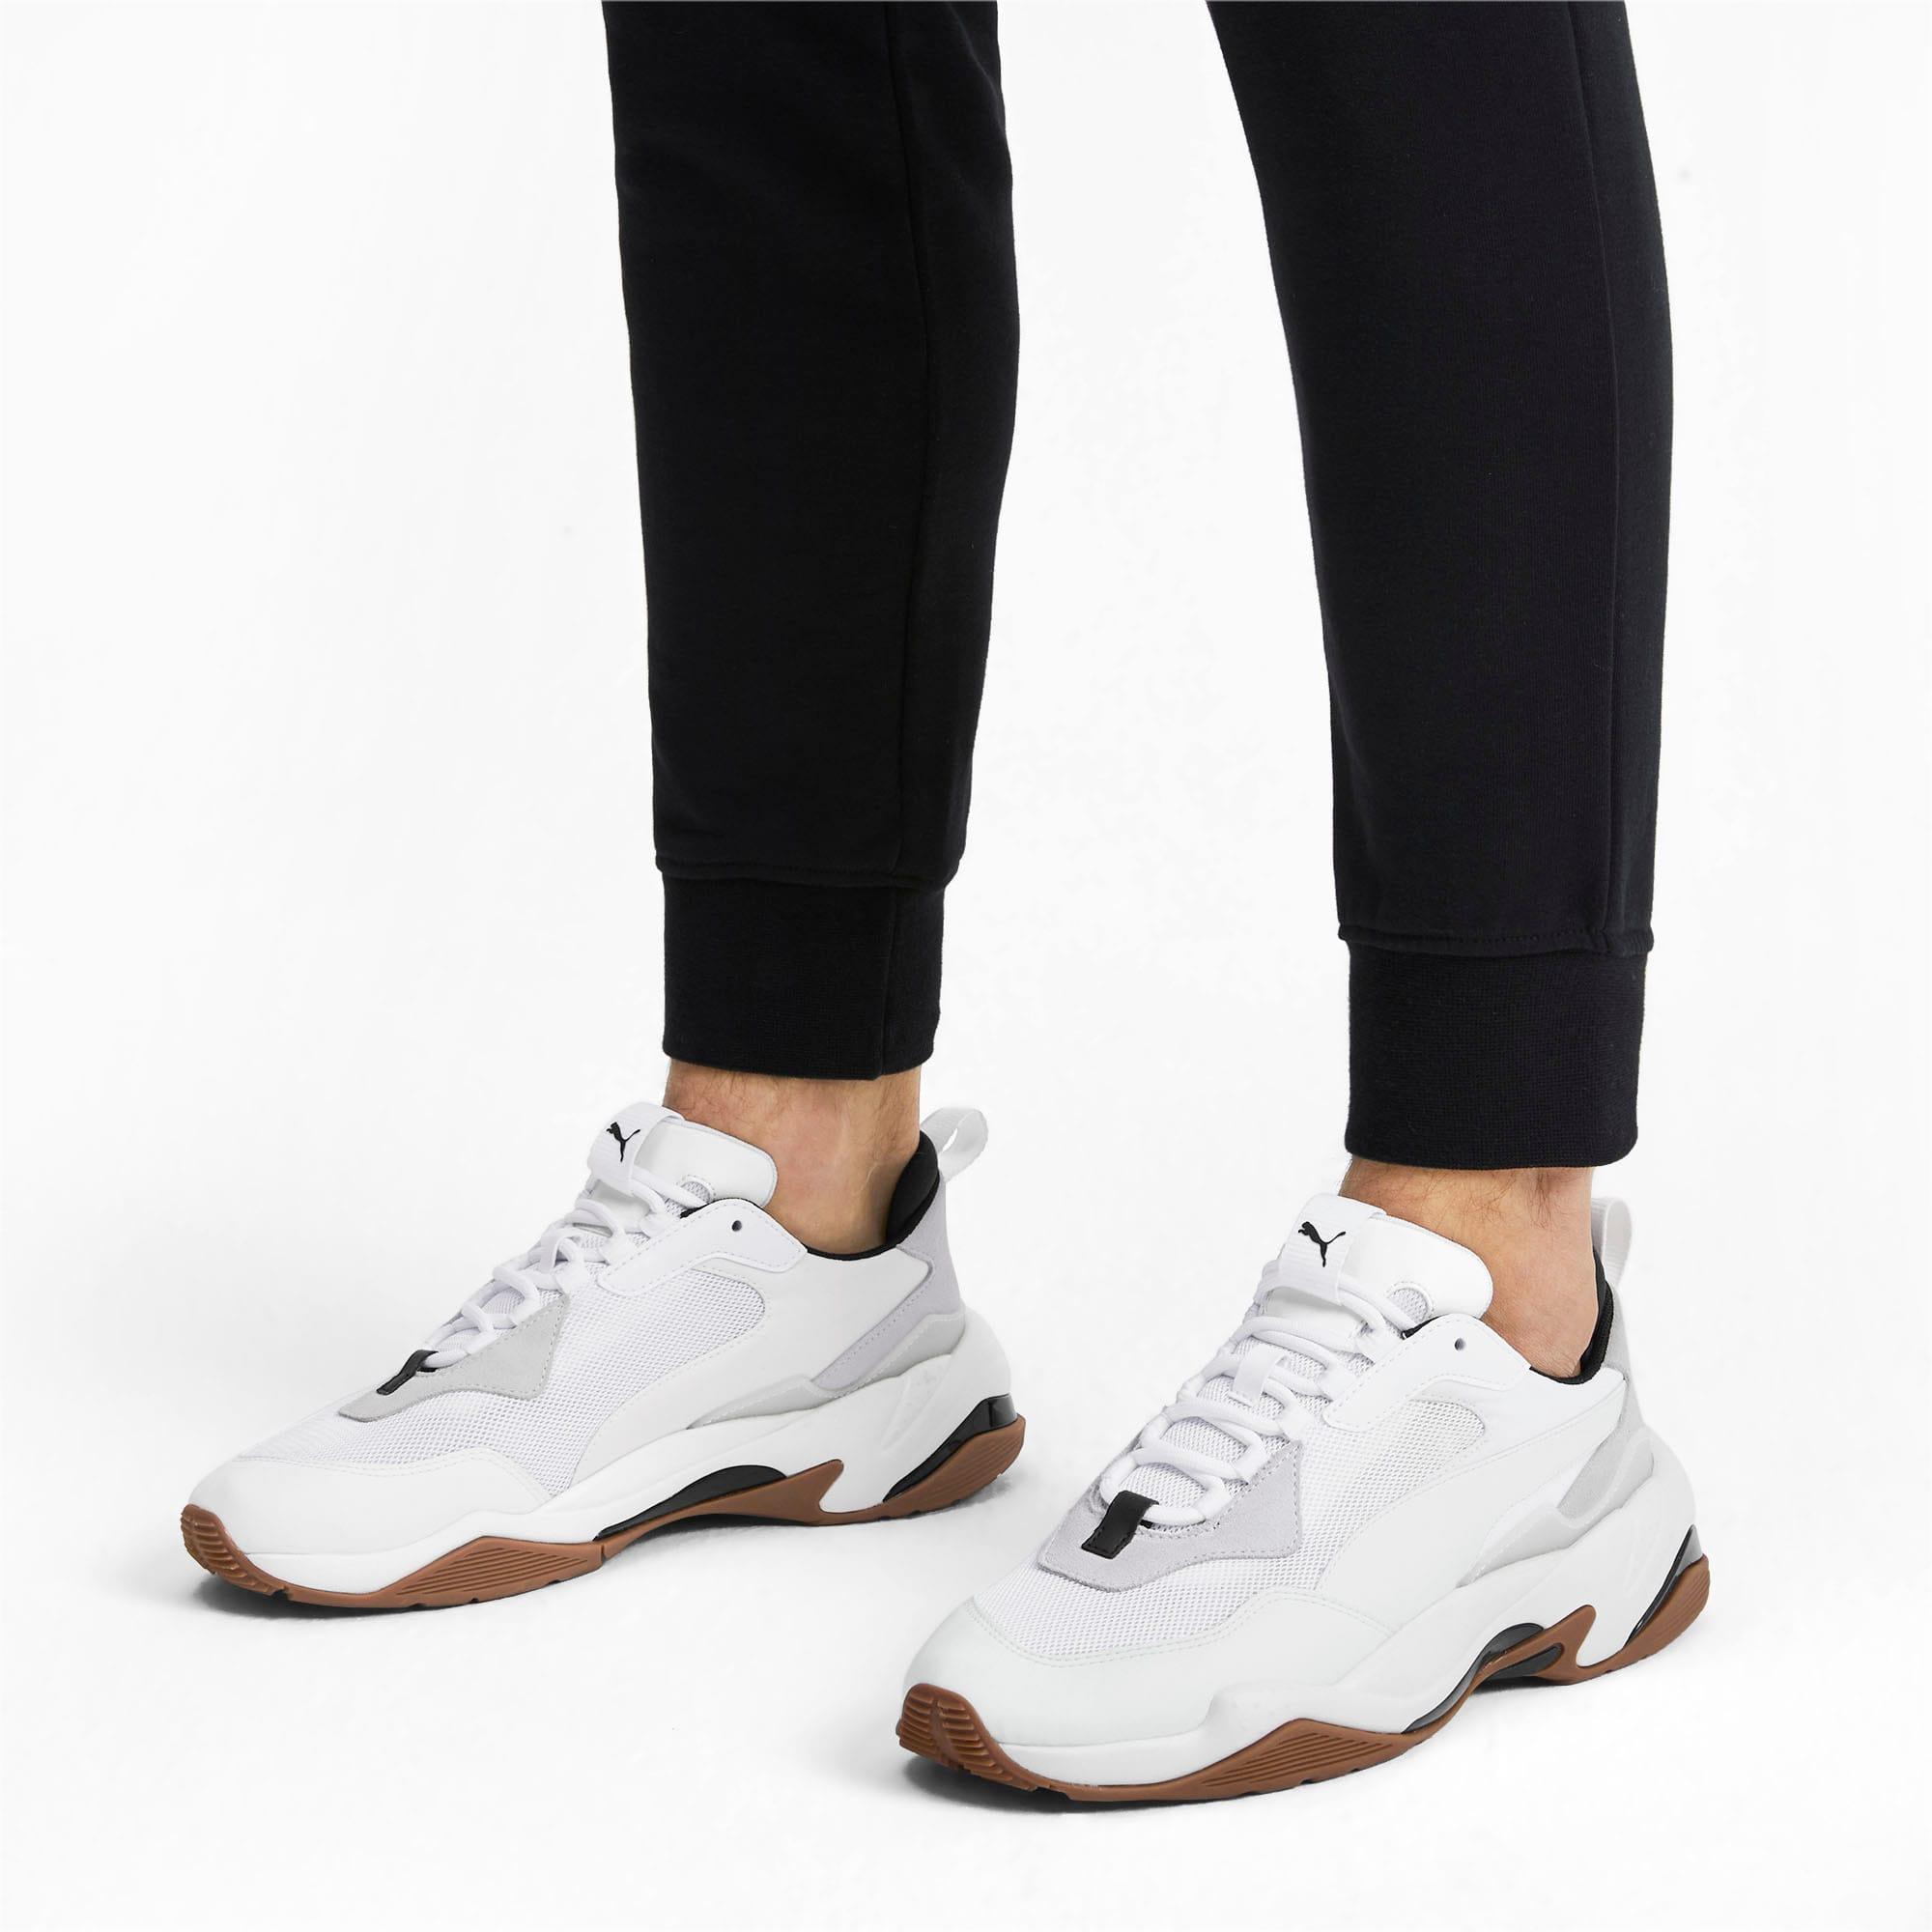 Thumbnail 2 of Thunder Fashion 2.0 sportschoenen, Puma White-Whisper White, medium